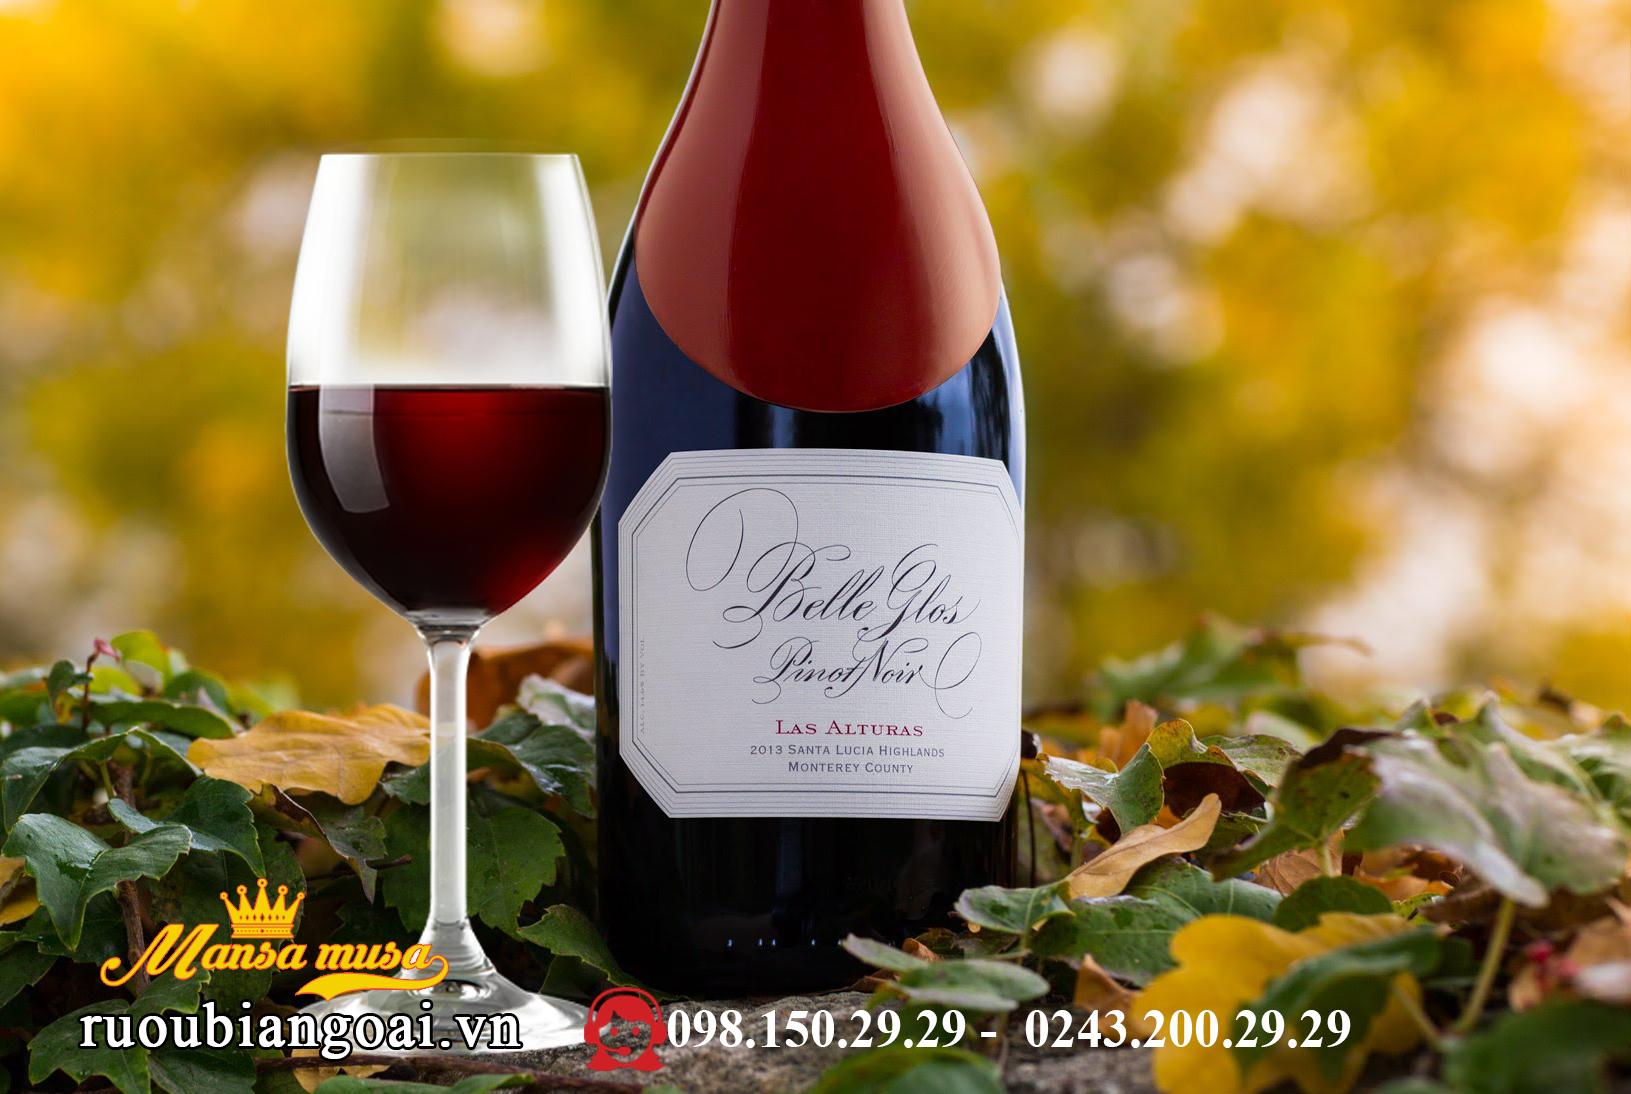 Vang Belle Glos Pinot Noir Las Alturas 2015